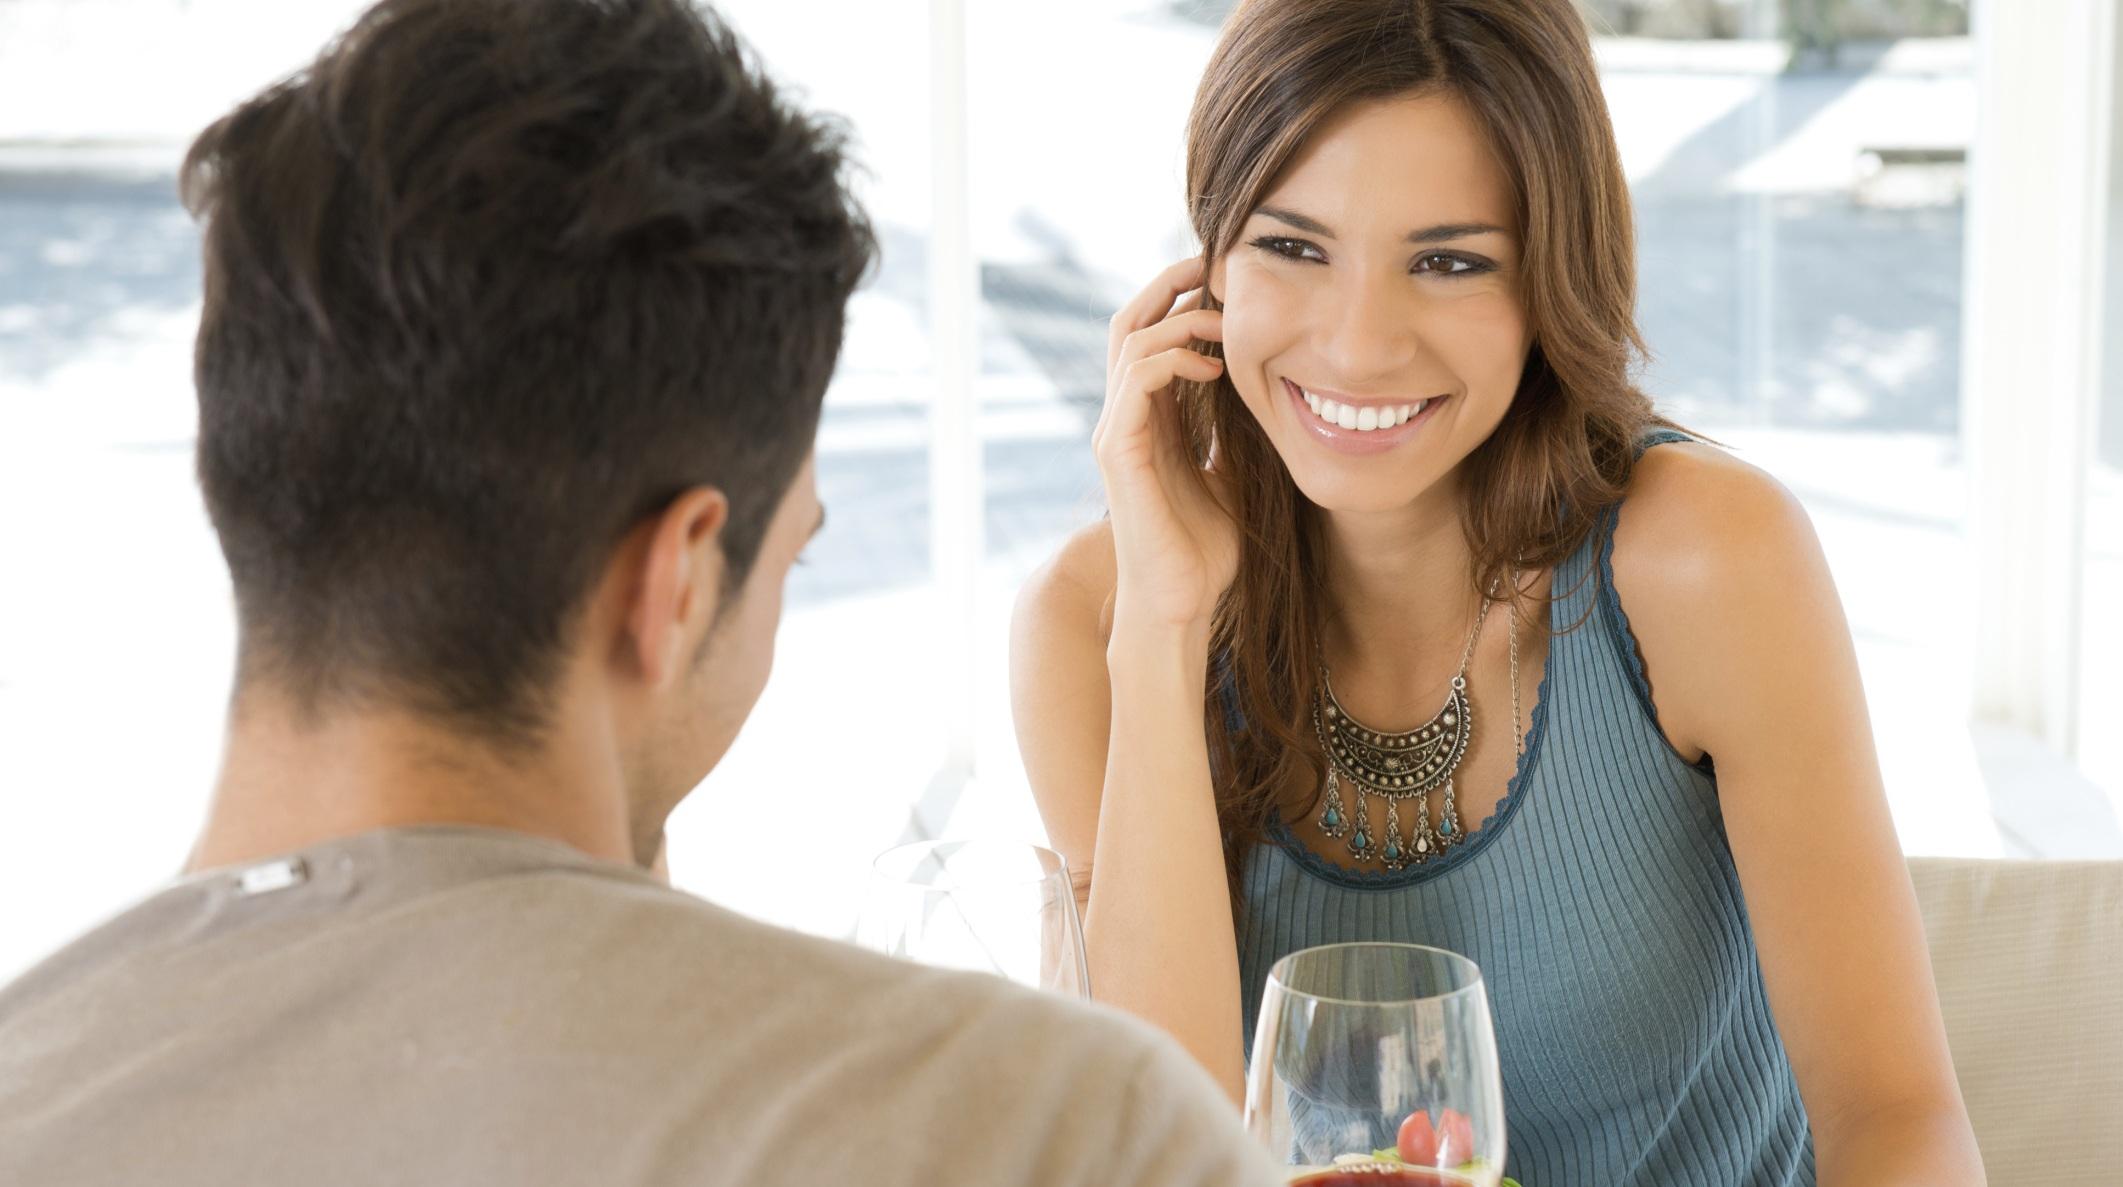 Манера разговаривать с мужчиной может стать сигналом к тому, чтобы понять сексуальное желание женщины